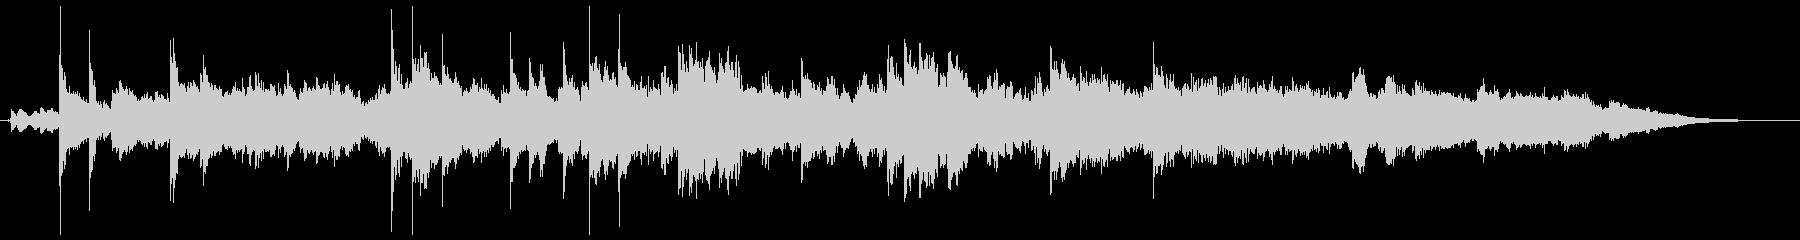 背景音 異世界 2の未再生の波形